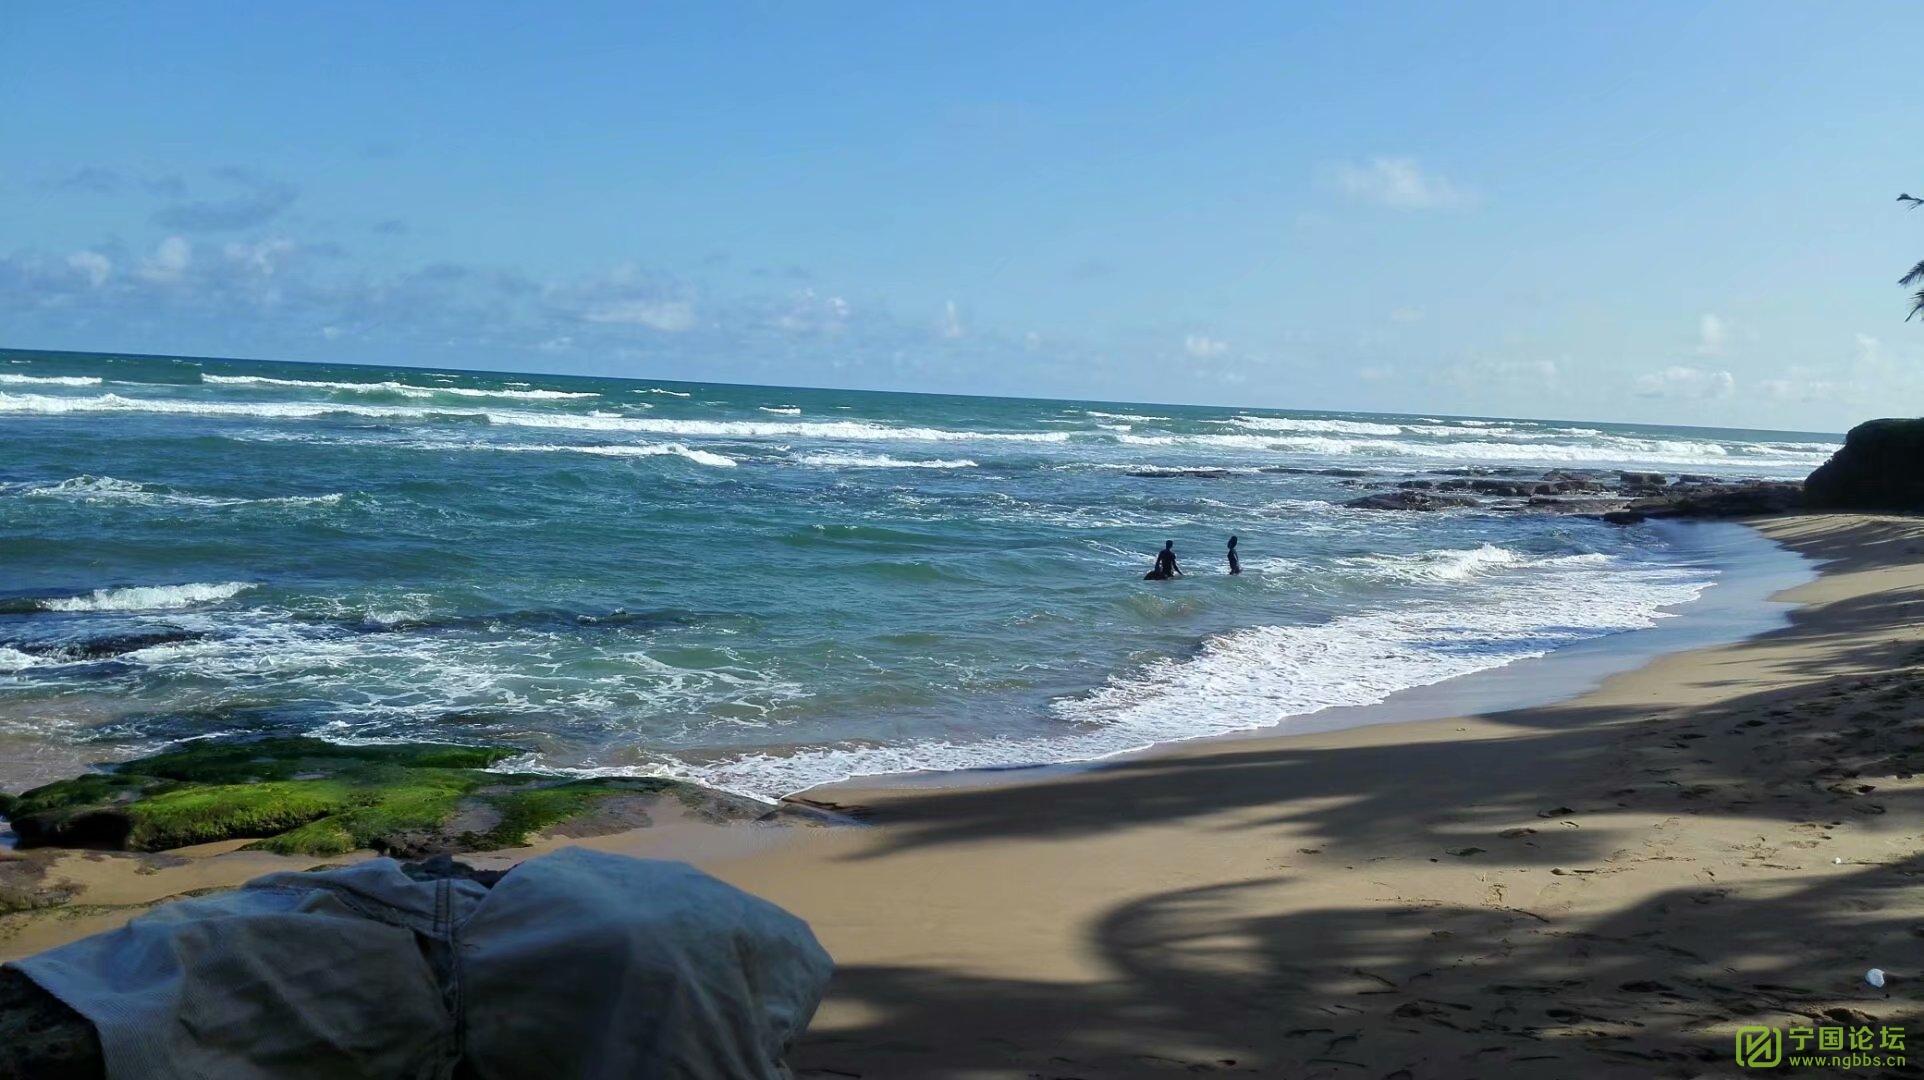 加纳风光-好久没发了 - 宁国论坛 - 大西洋2